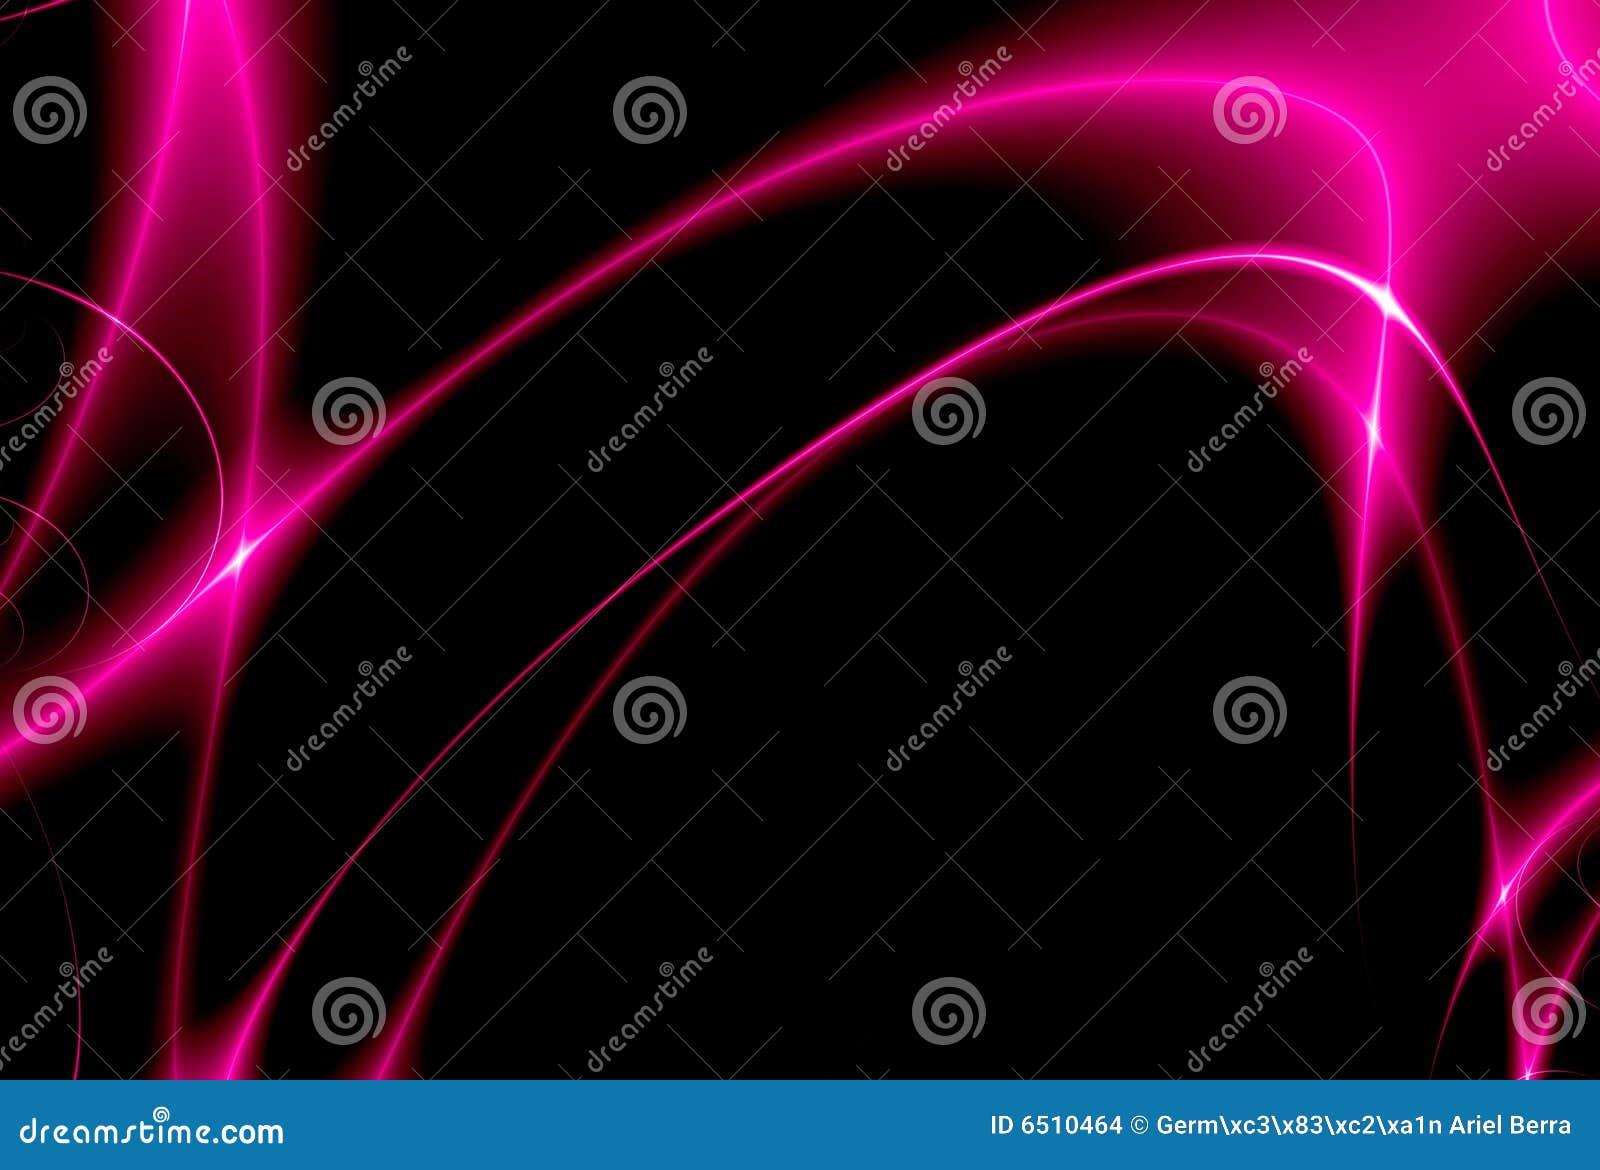 Tanz der rosafarbenen Leuchten